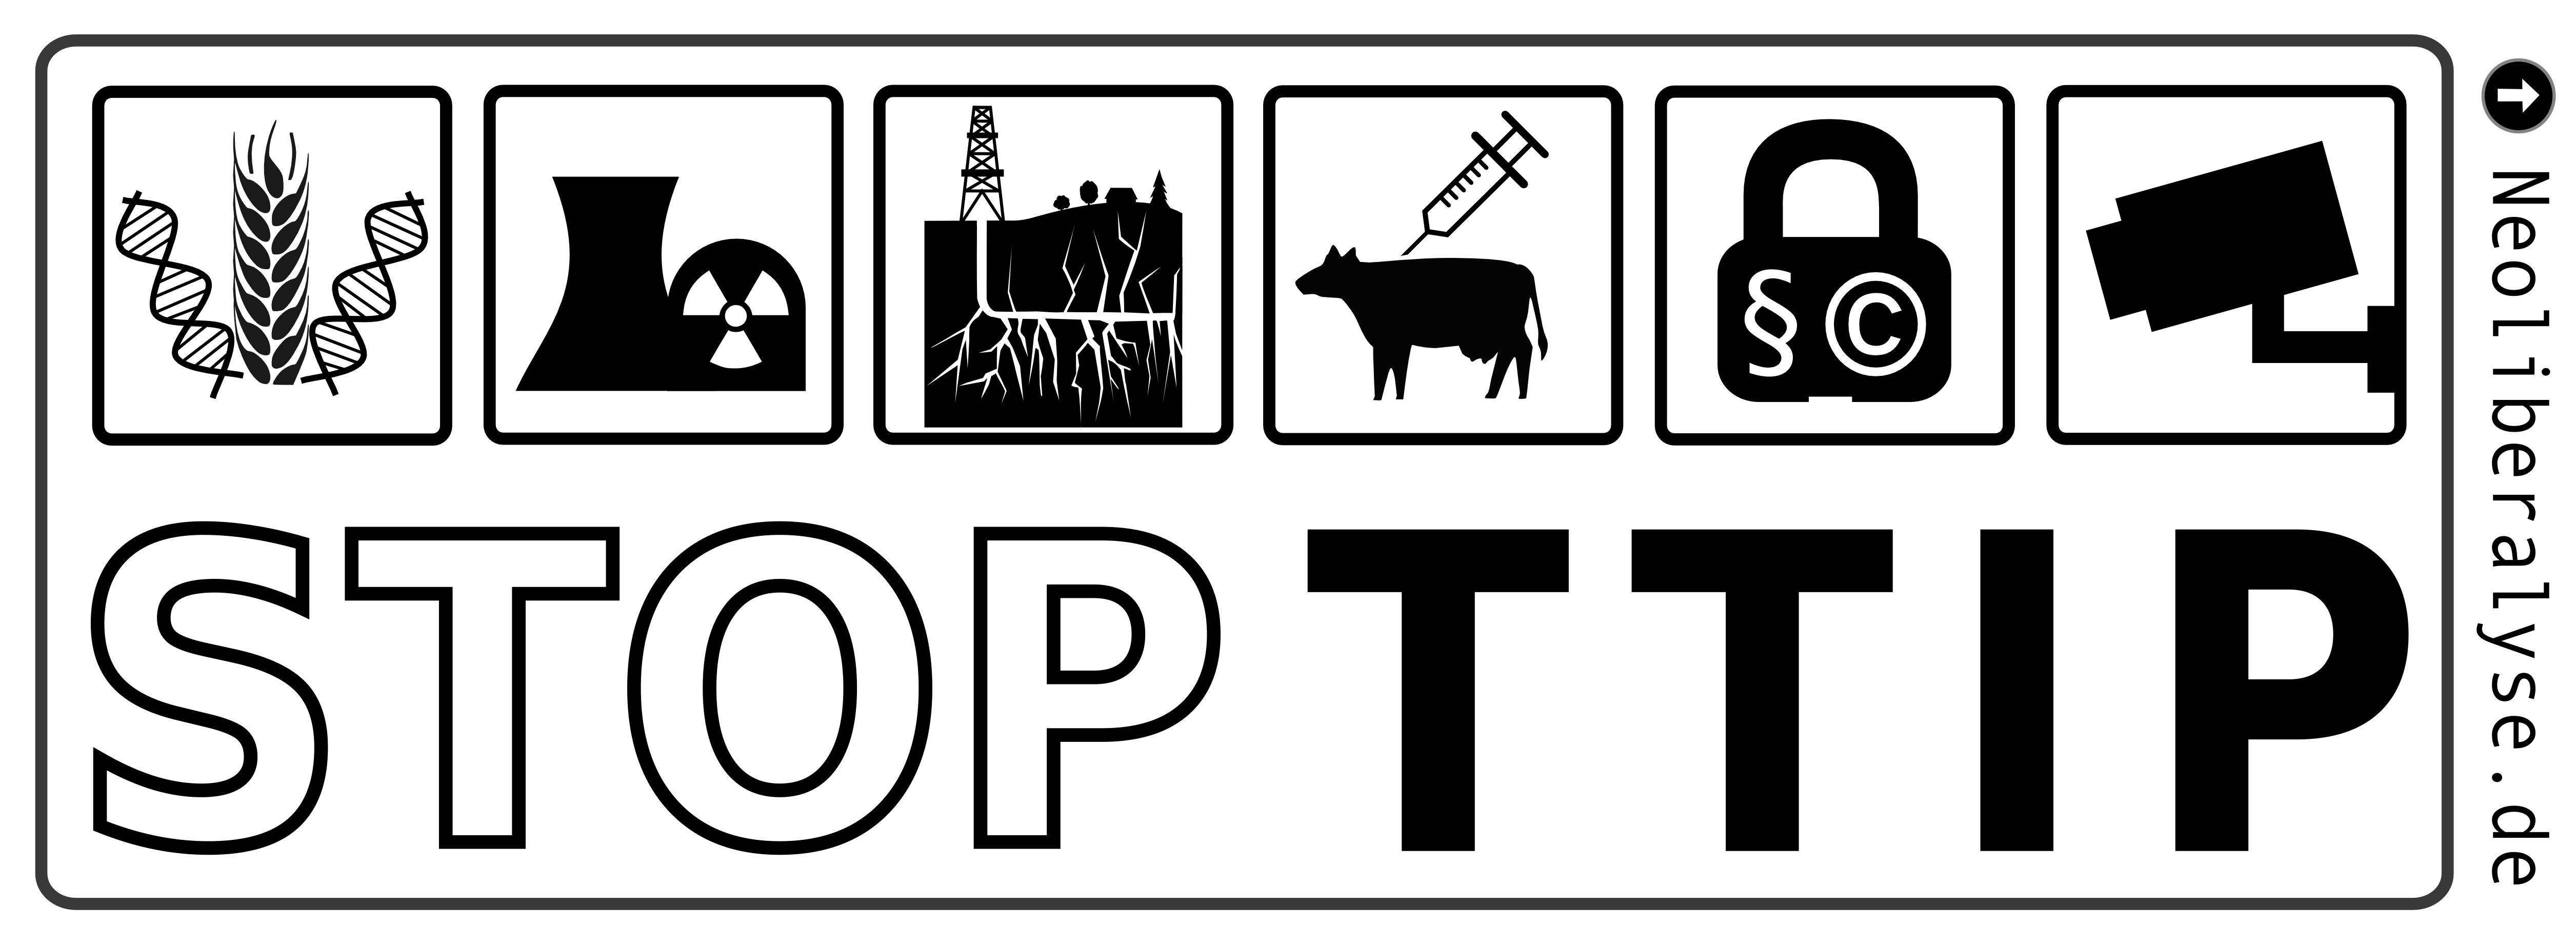 TTIP-Neoliberalyse-gross